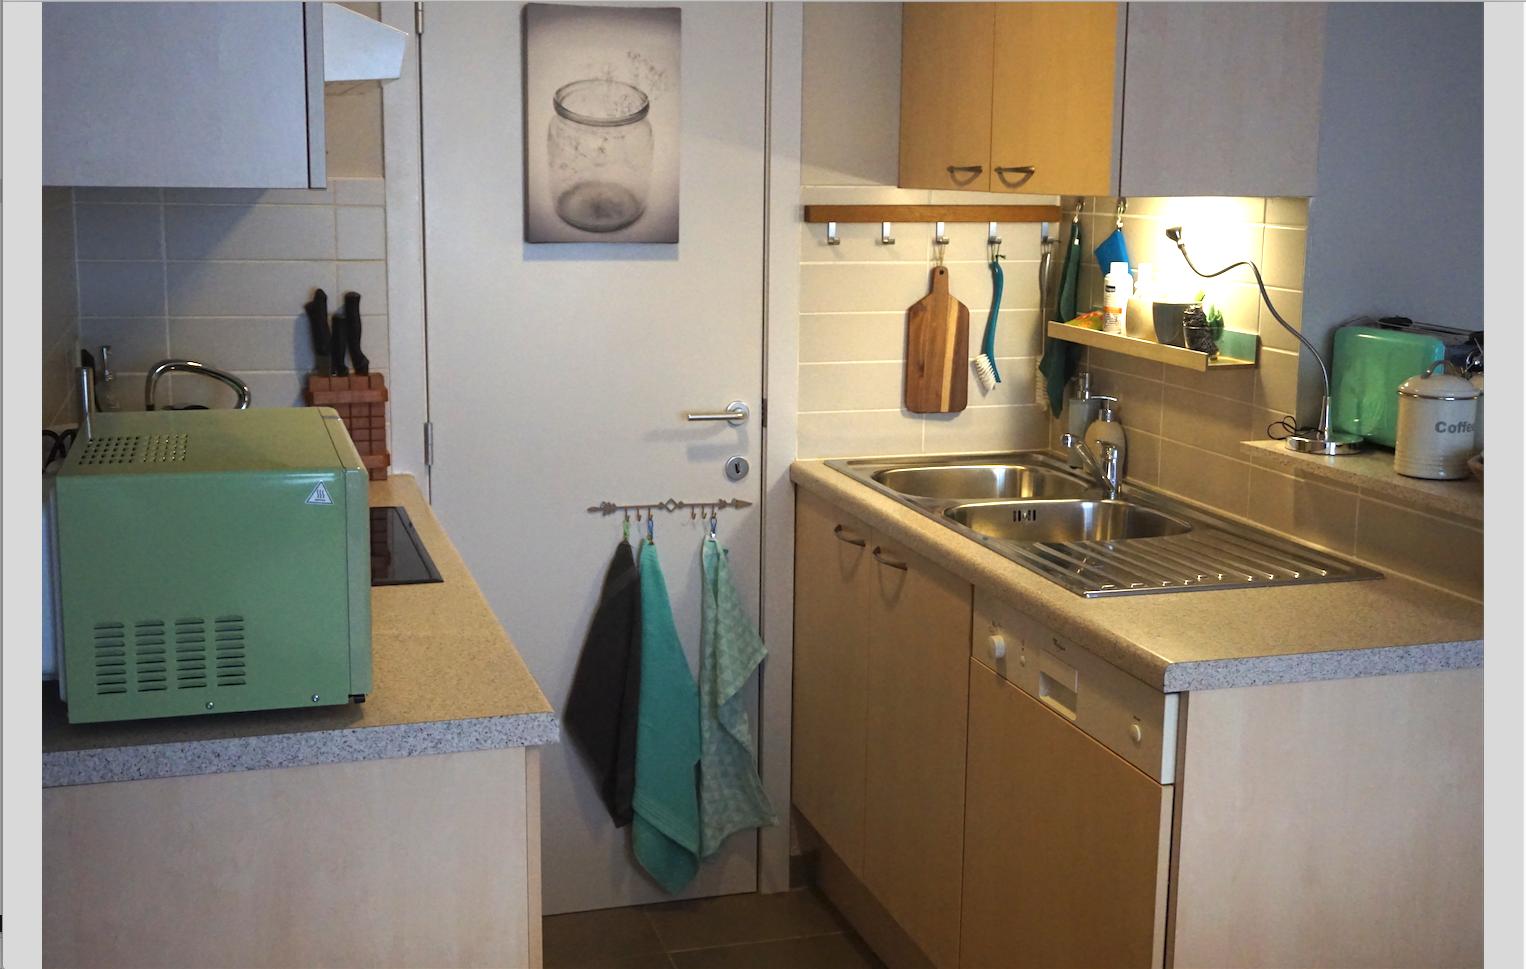 3_keuken 20.png